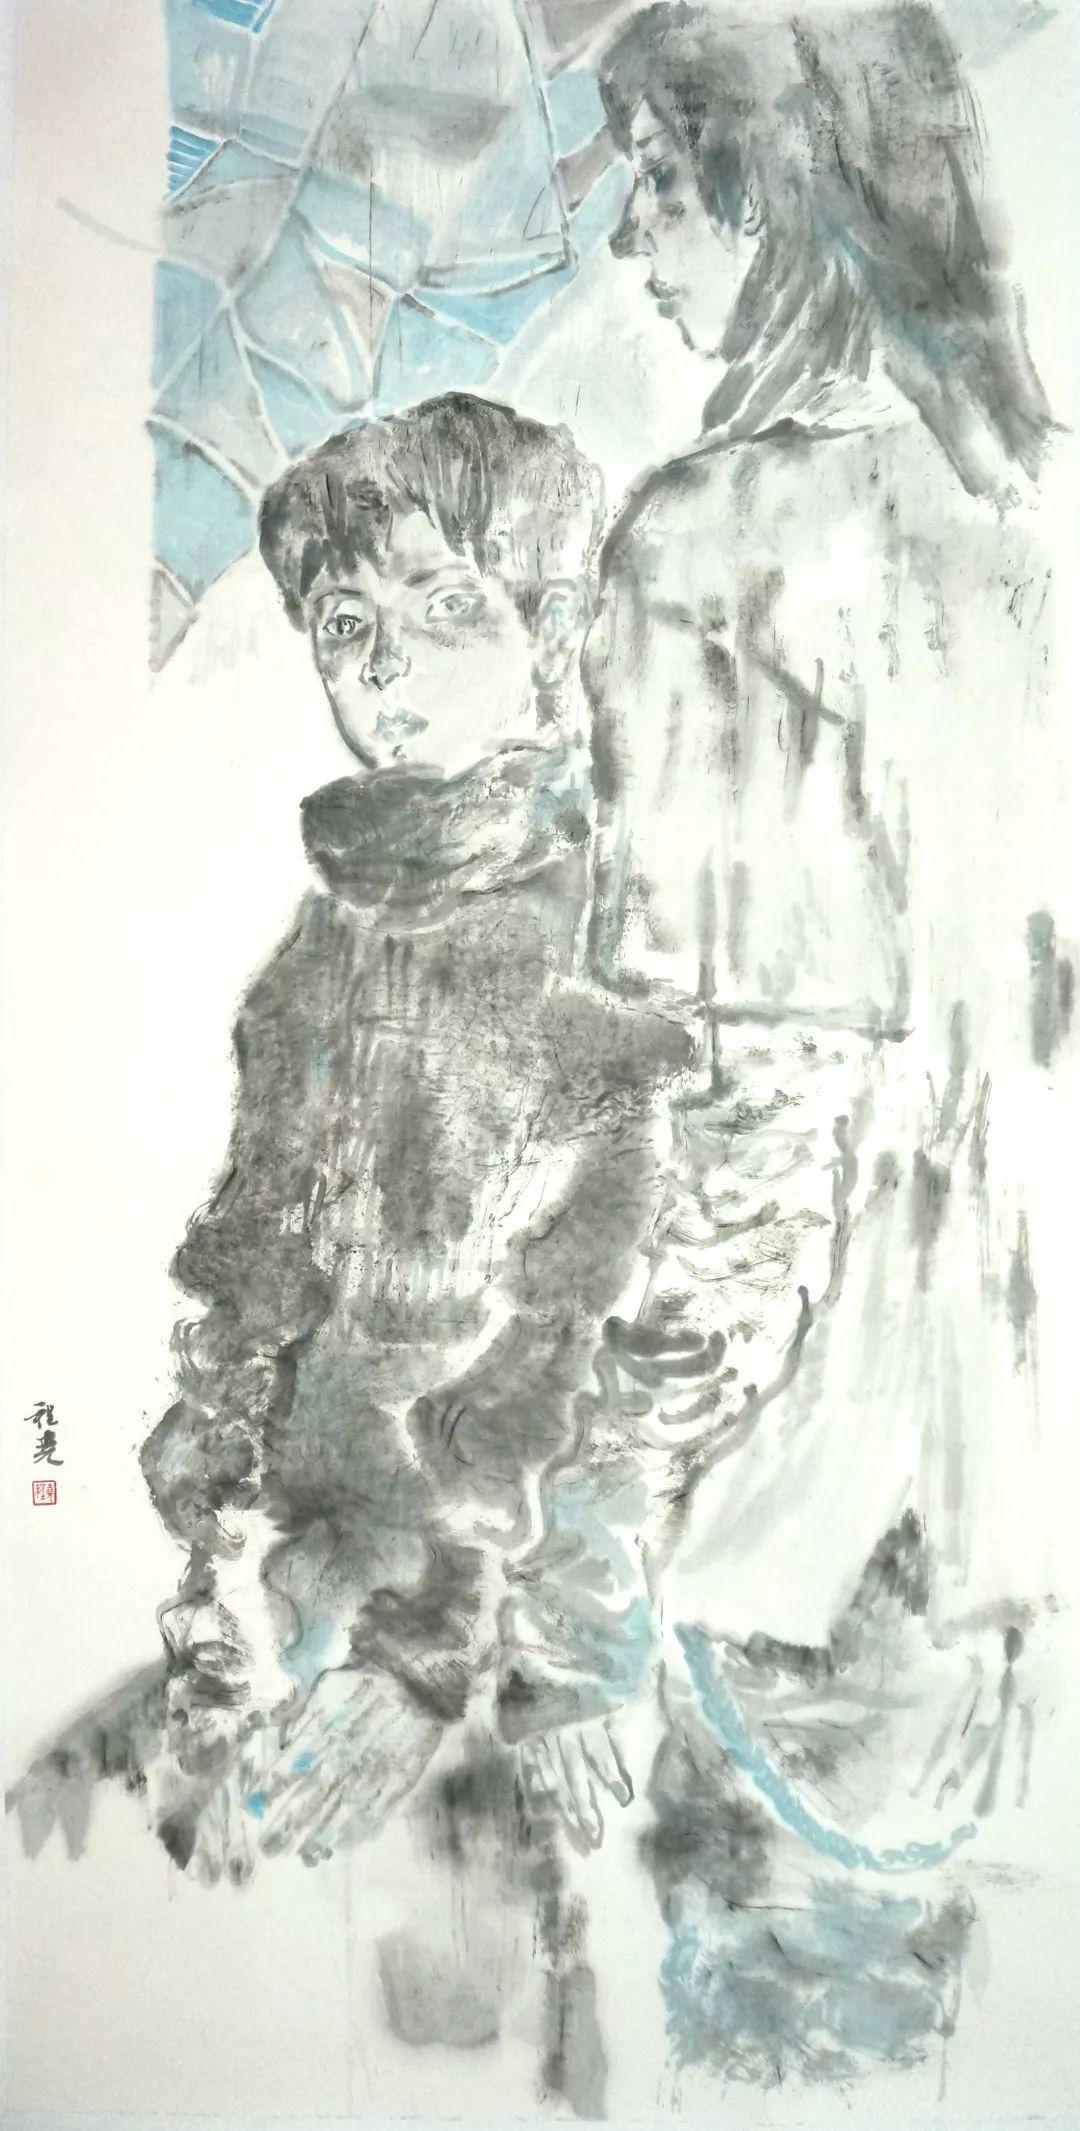 「新锐·微个展」广美| 程尧:少年的现世水墨造梦乐园